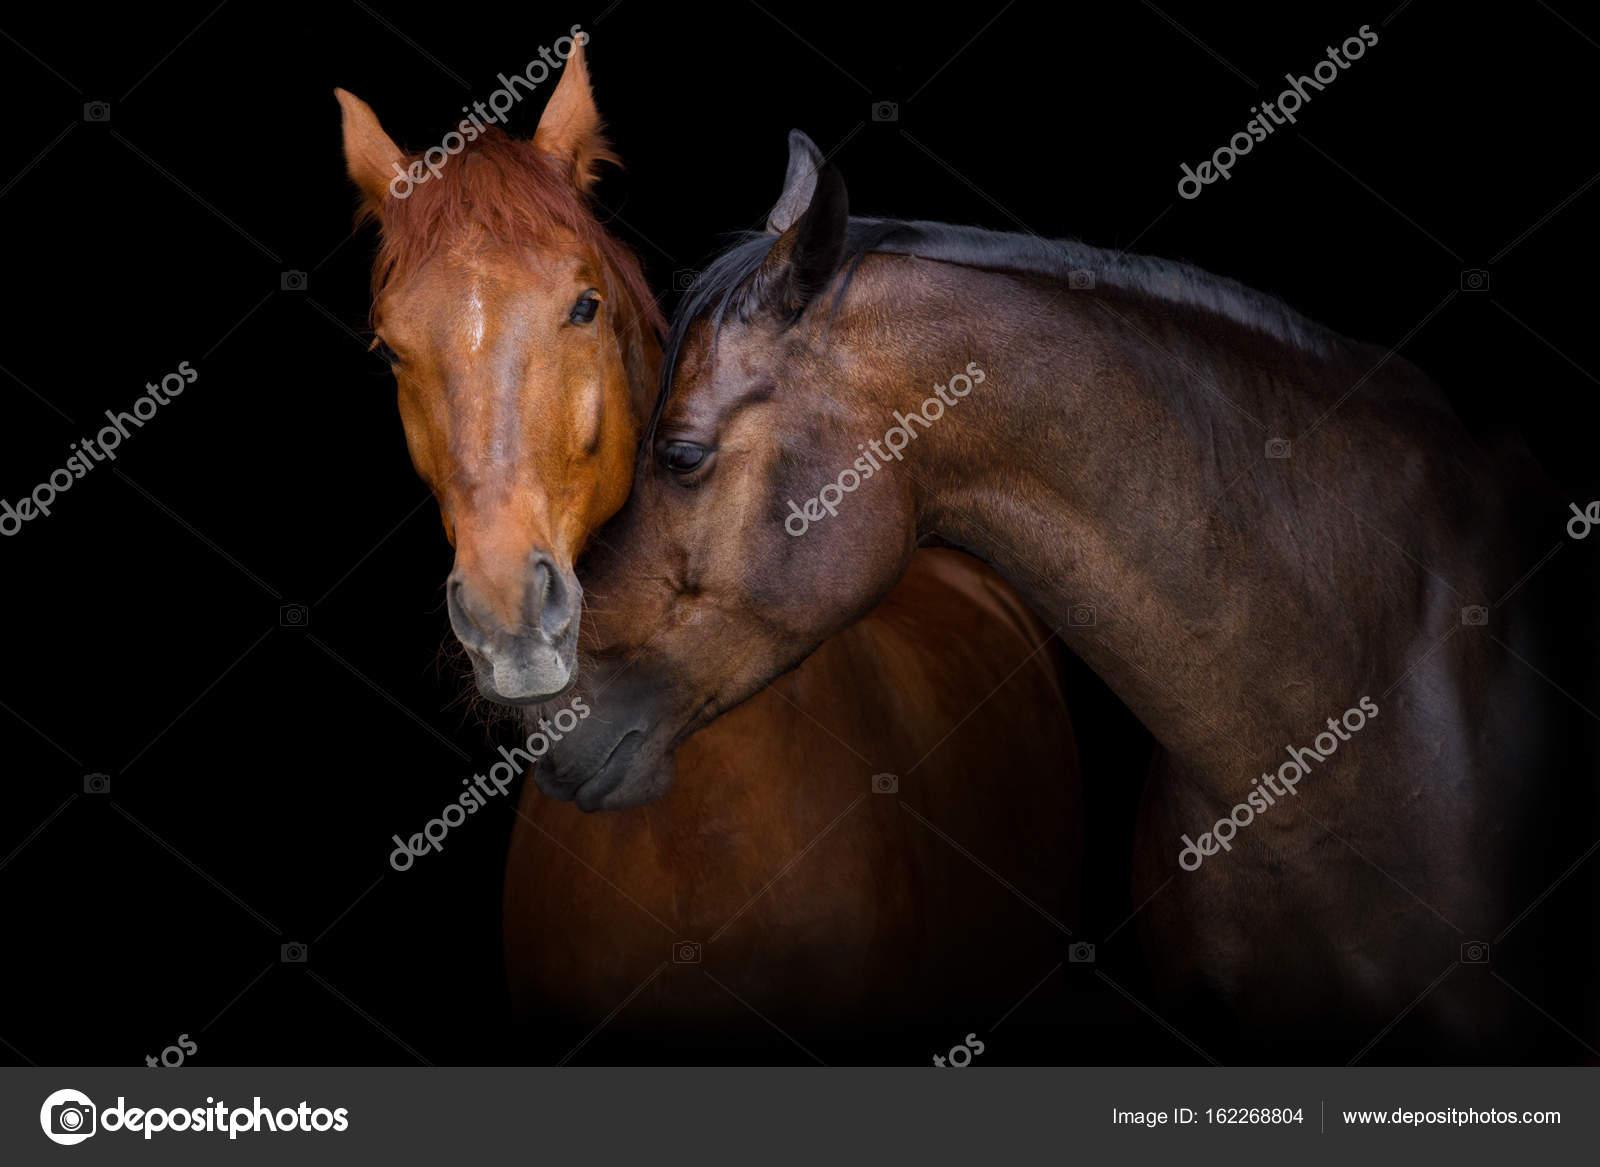 Beliebt Bevorzugt Zwei Pferde Porträt Auf Schwarzem Hintergrund Pferde Der Liebe @KK_72